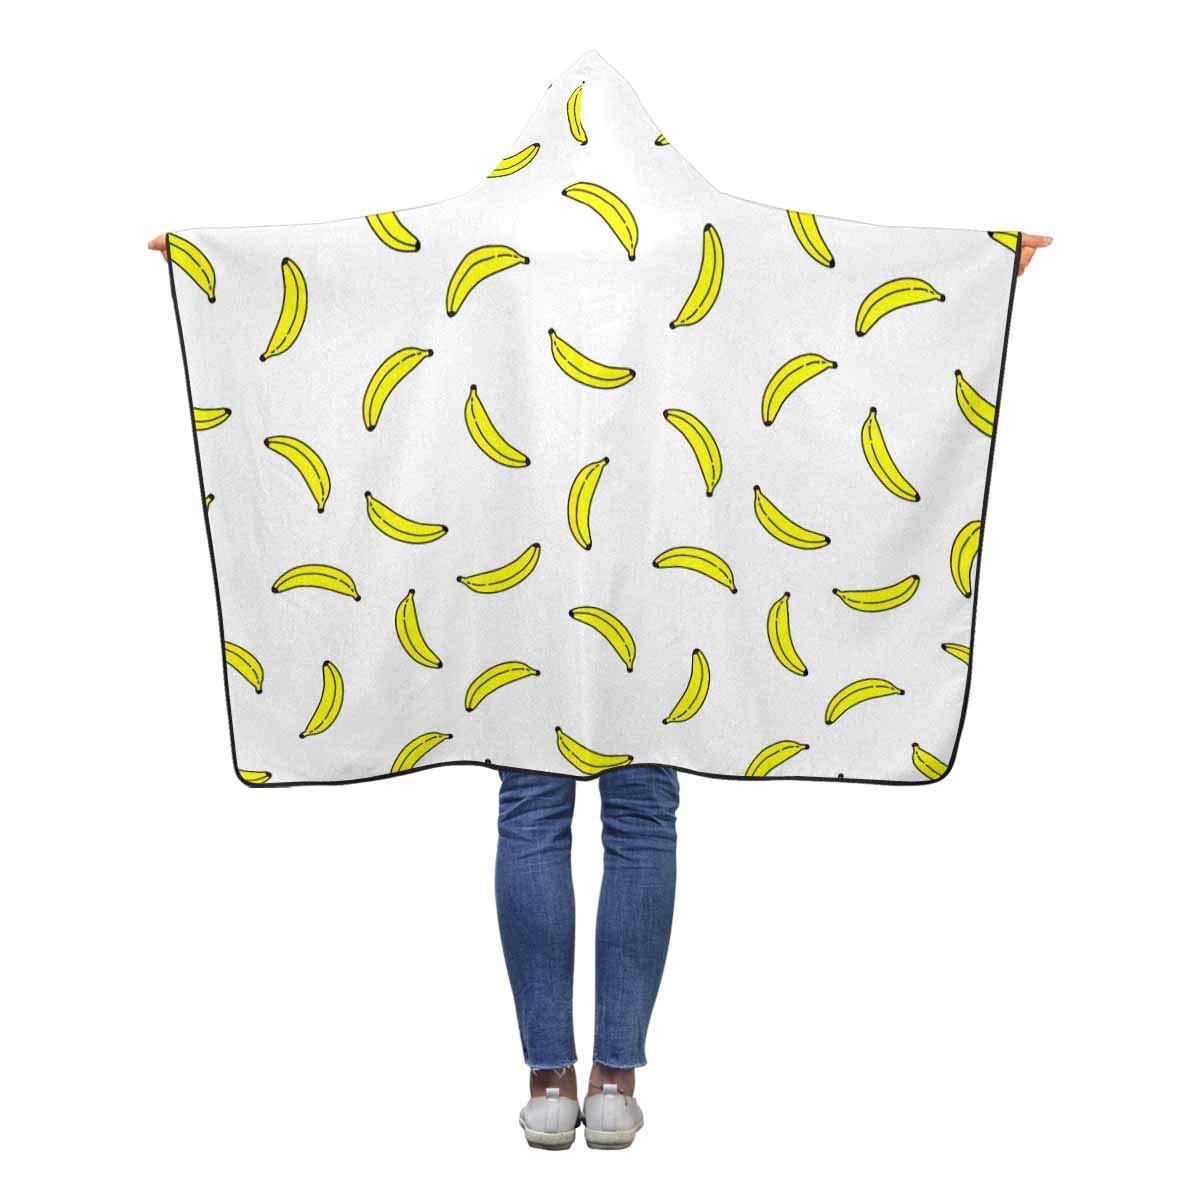 InterestPrint Bananas ホワイト ウェアラブルフード付きブランケット 60 x 50\ 50インチ 60 子供 女の子 50